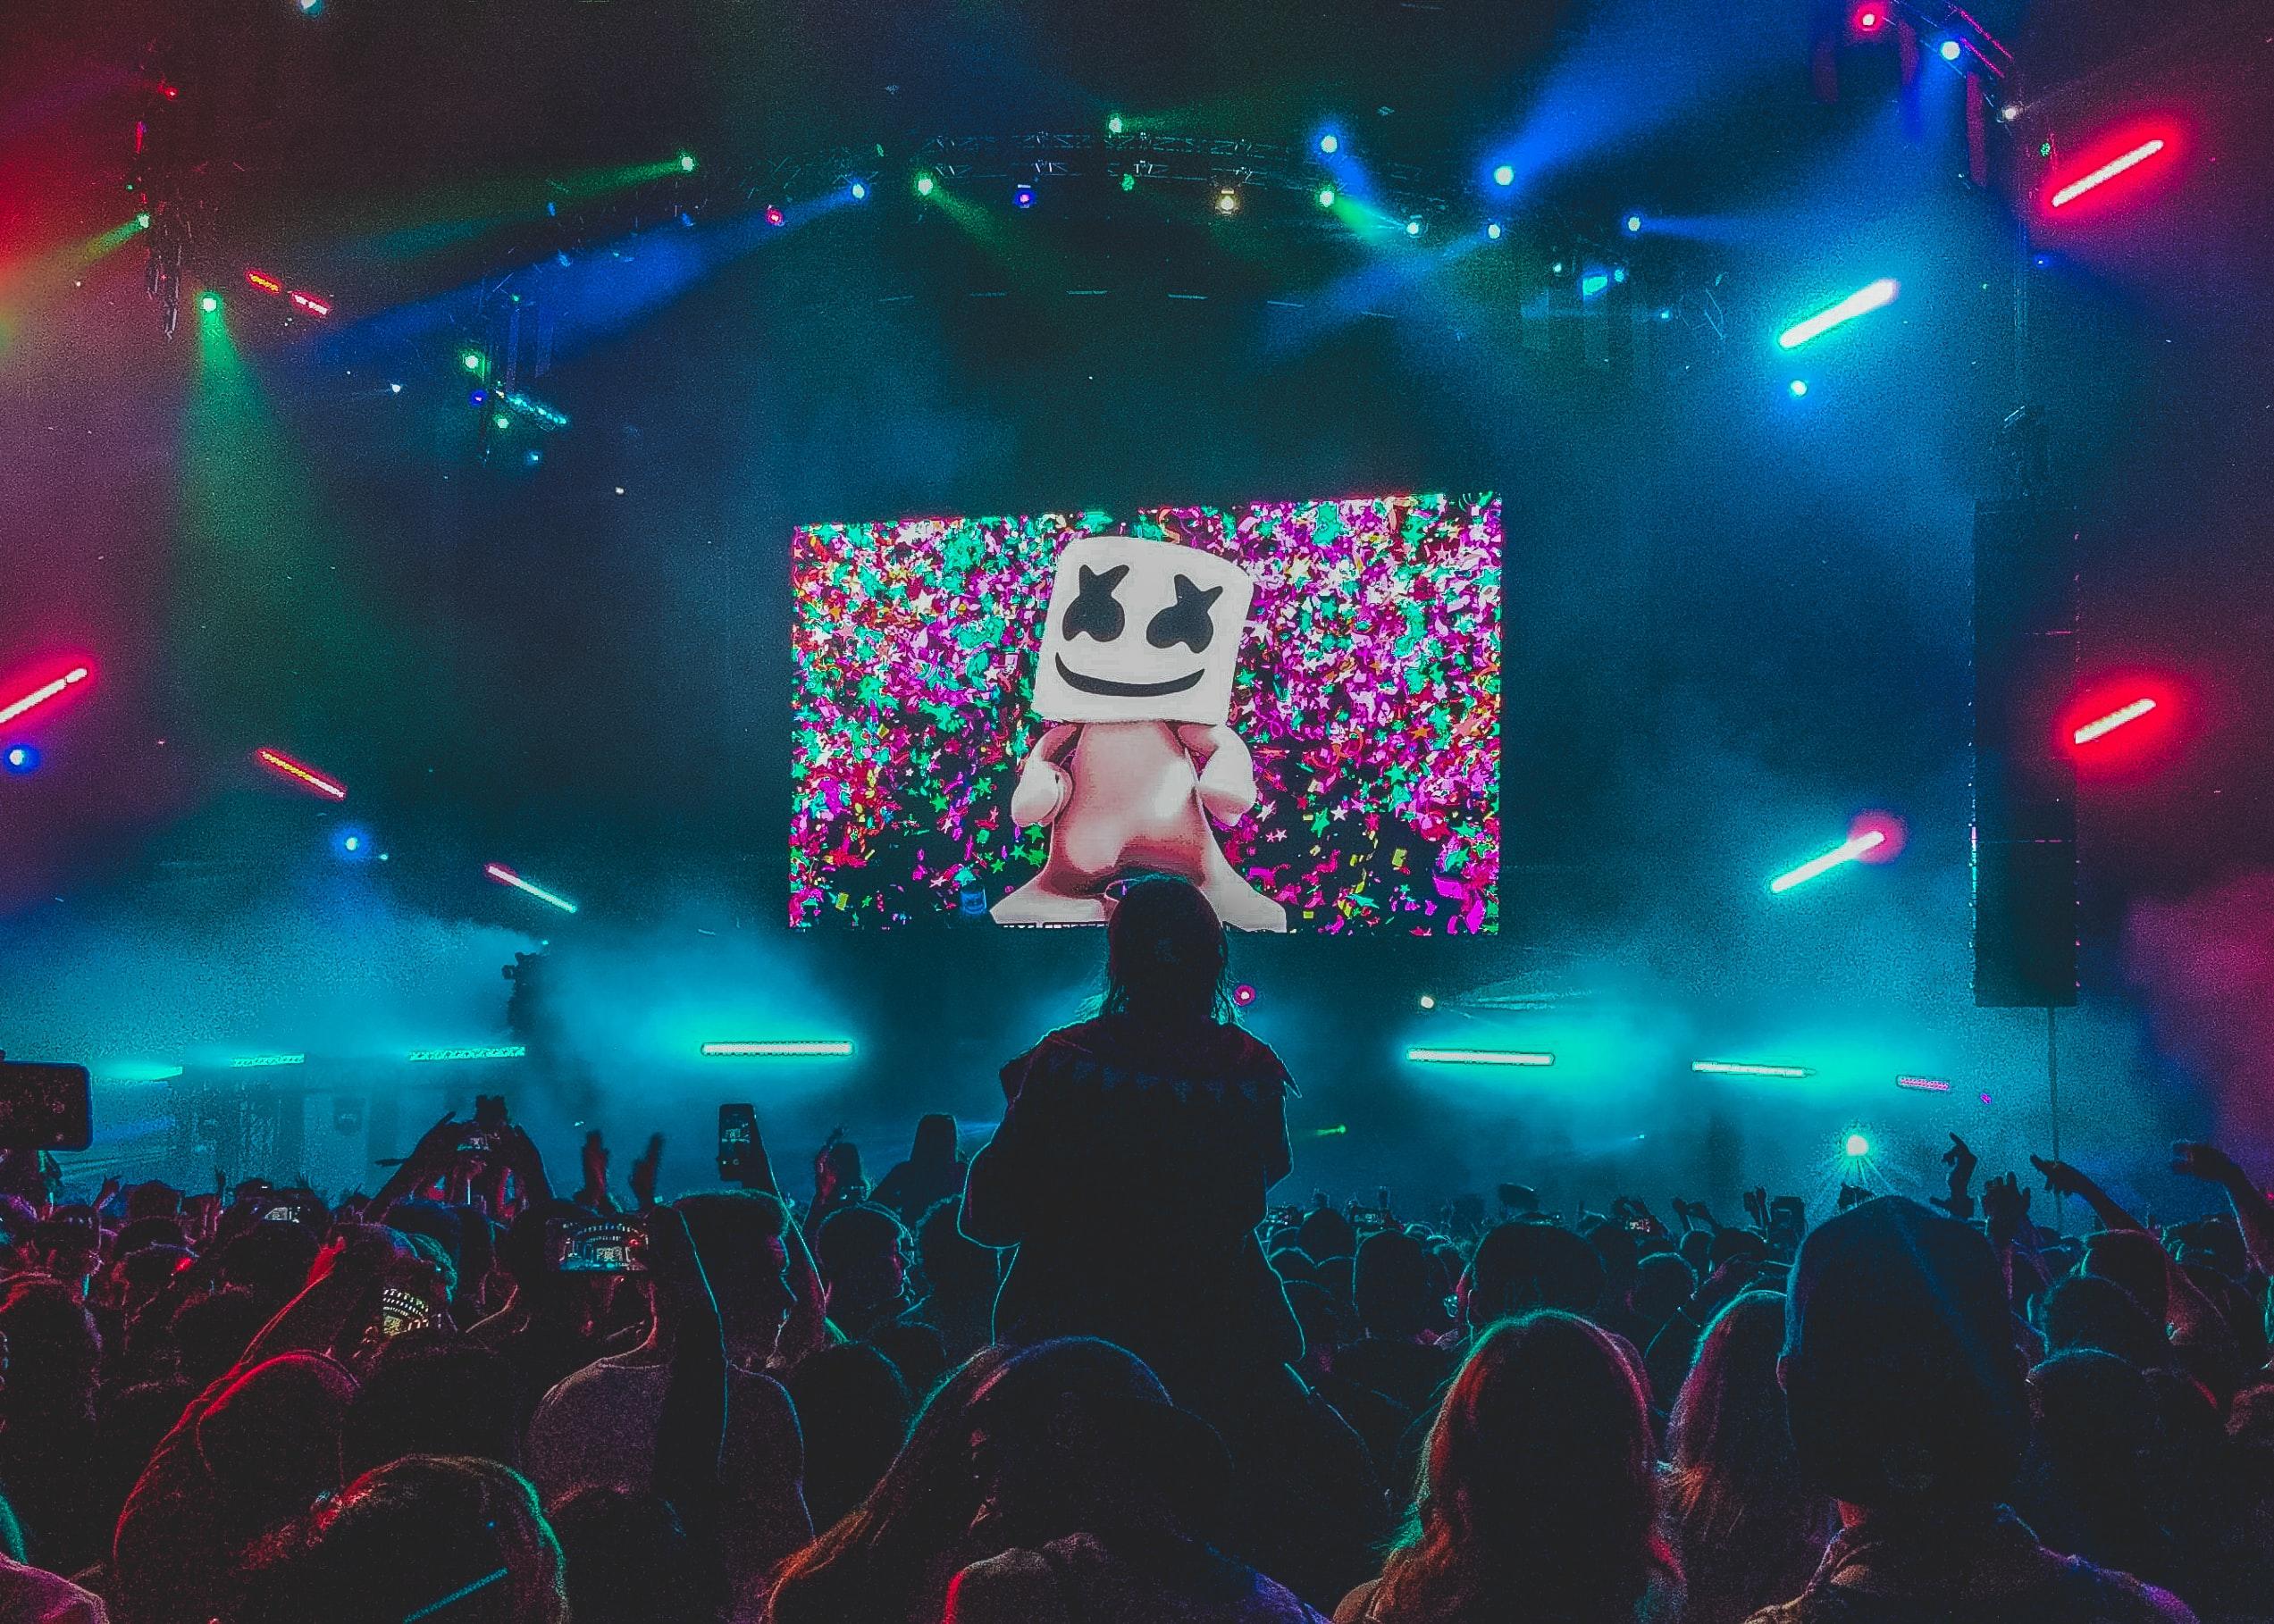 music-industry-coronavirus-marshmallow